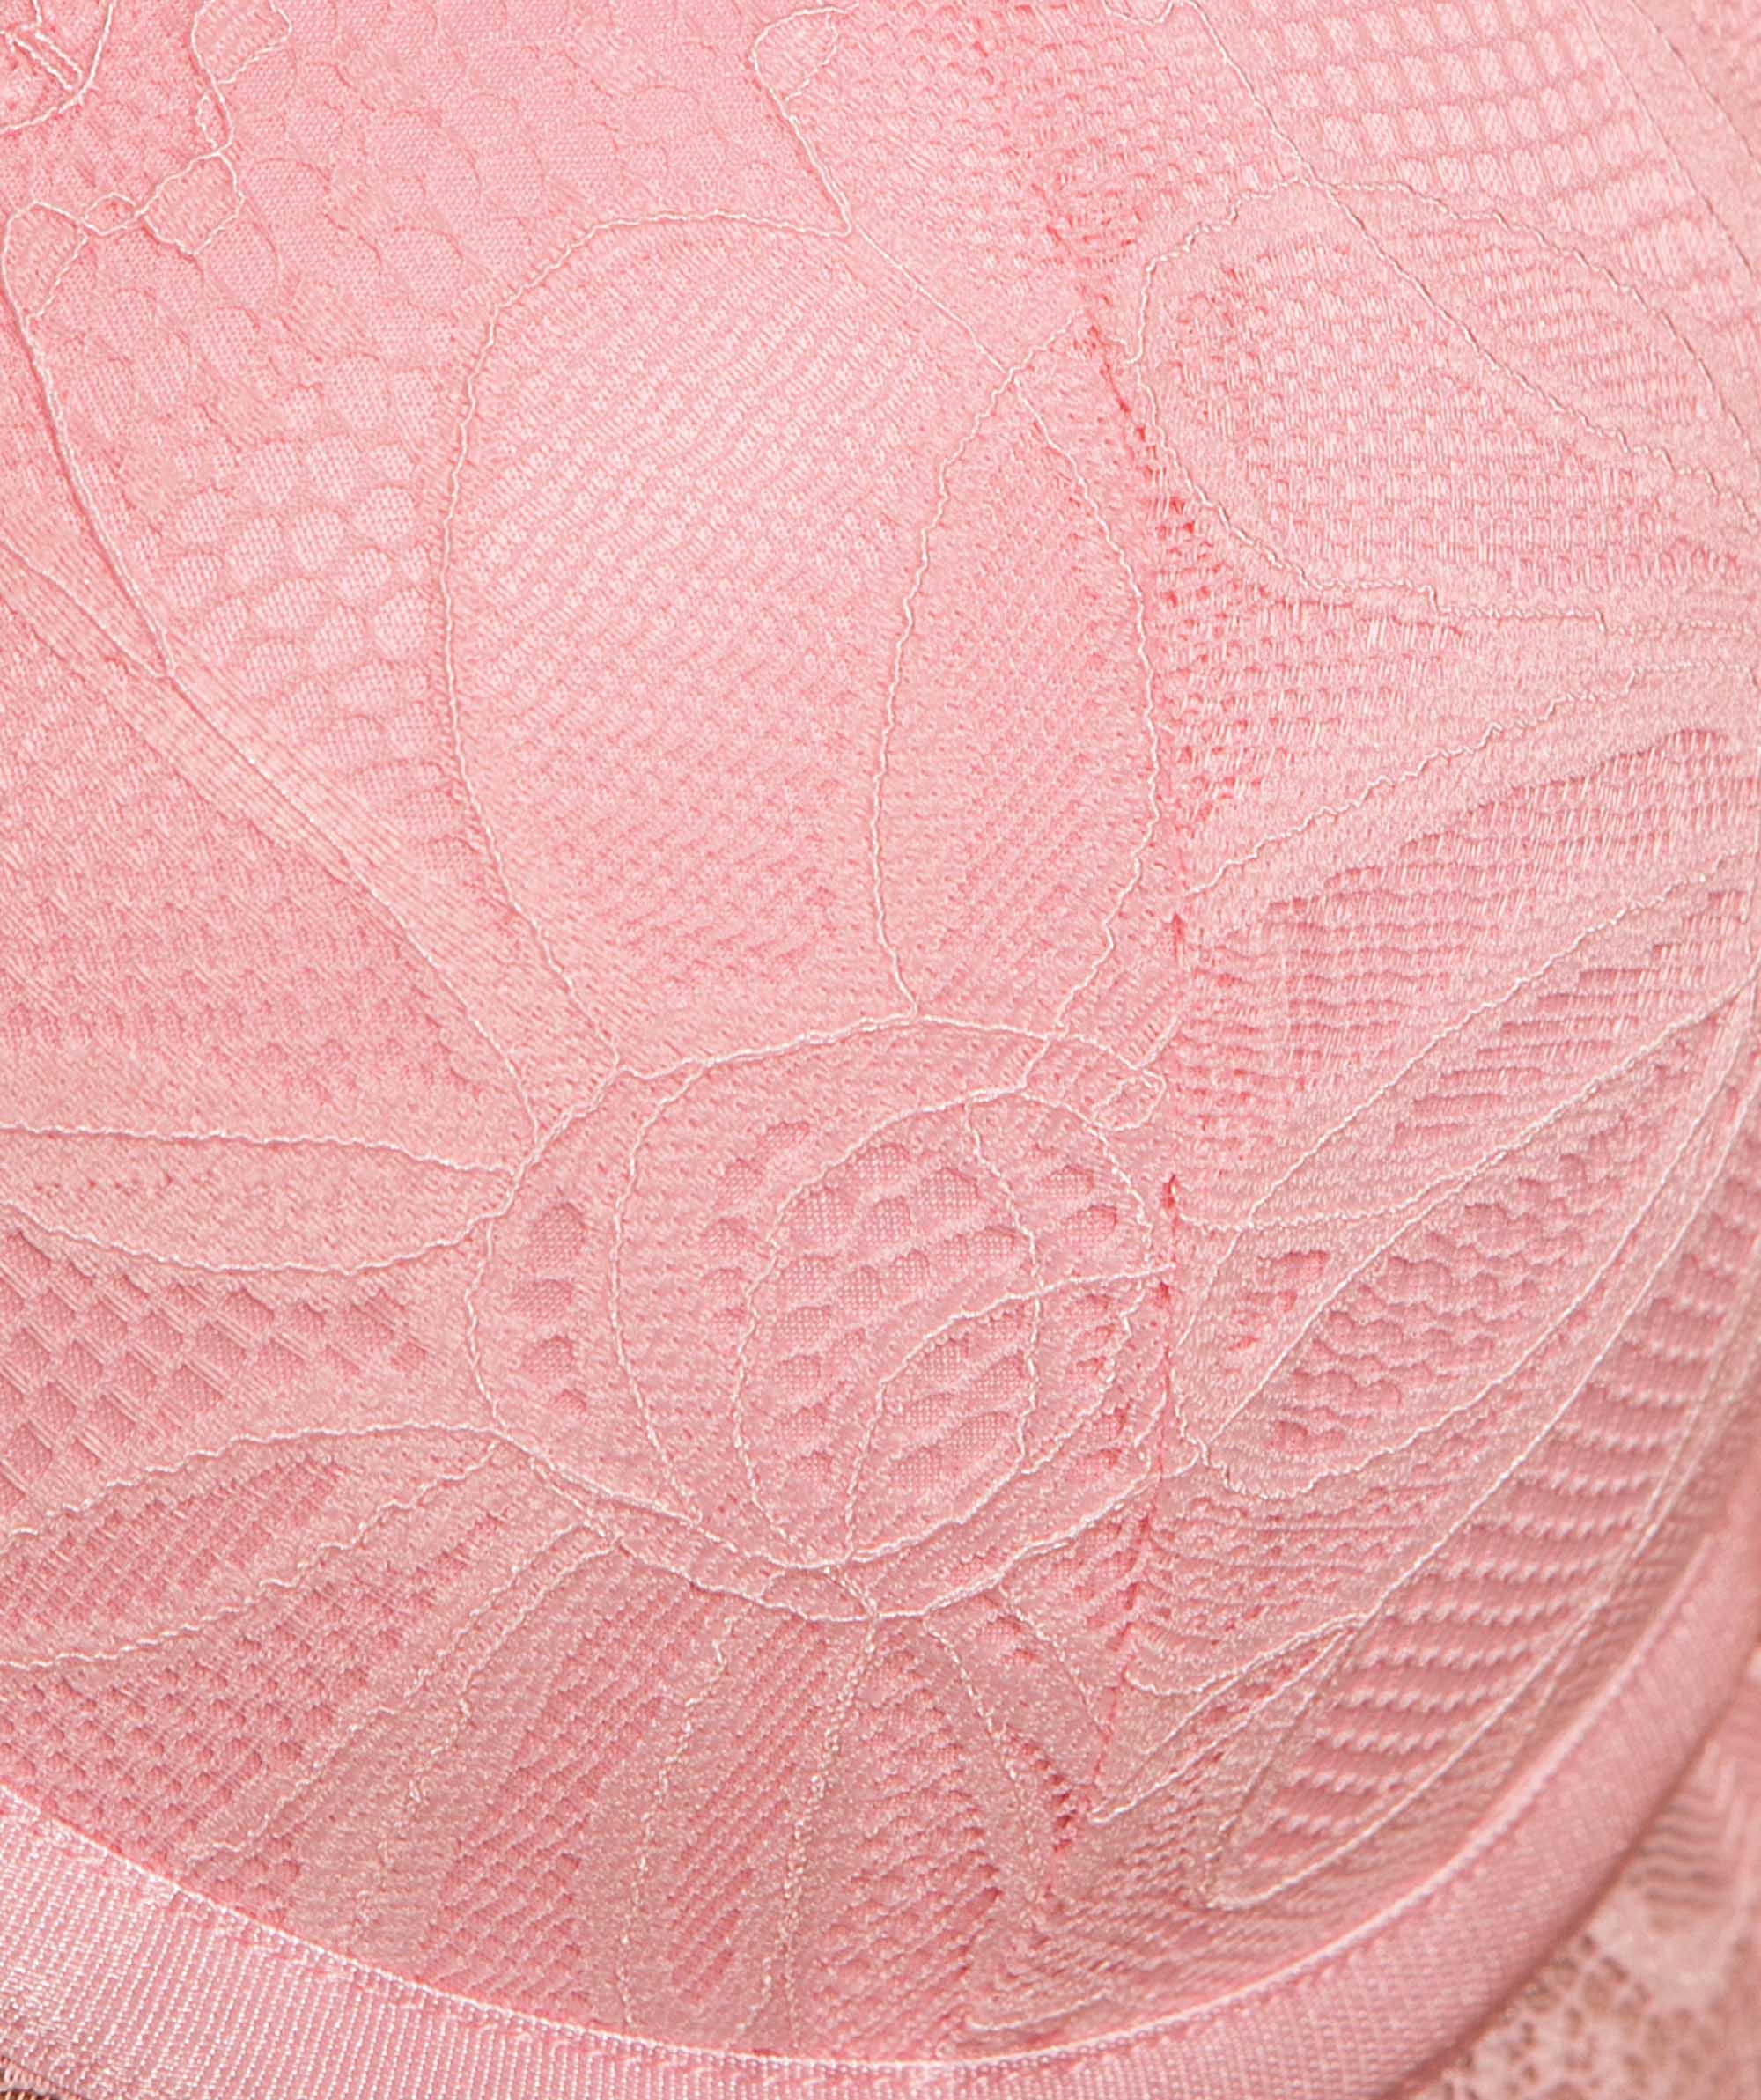 Leah Longline Plunge Contour Bra - Light Pink